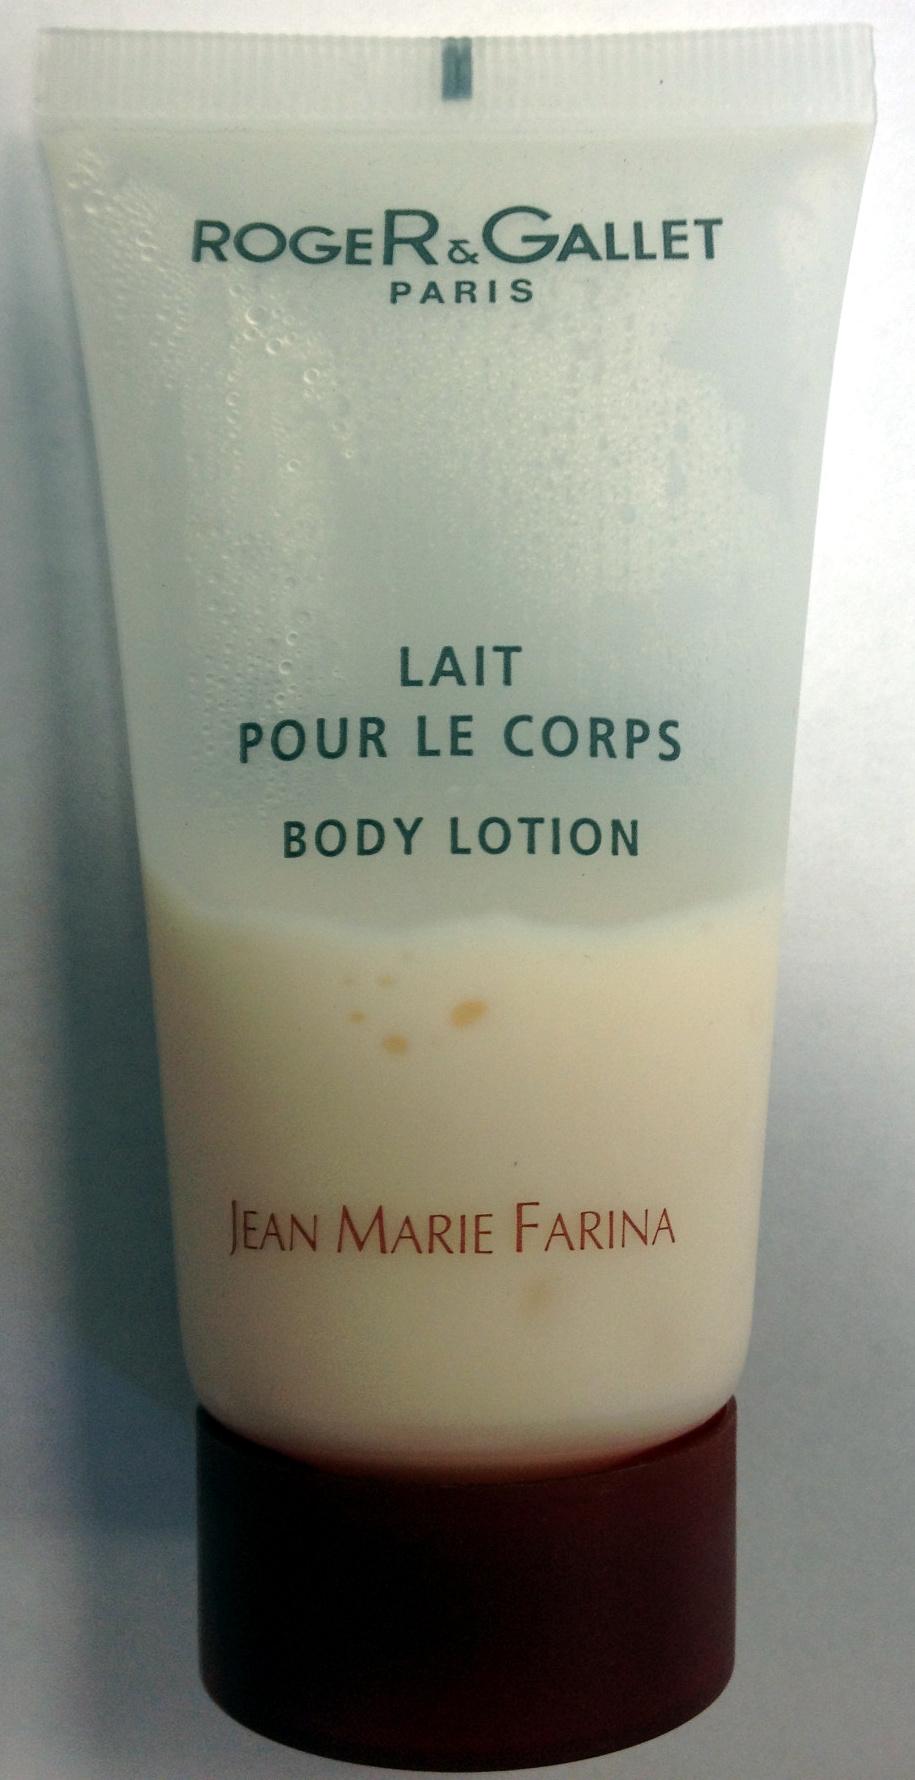 Lait pour le corps - Product - fr